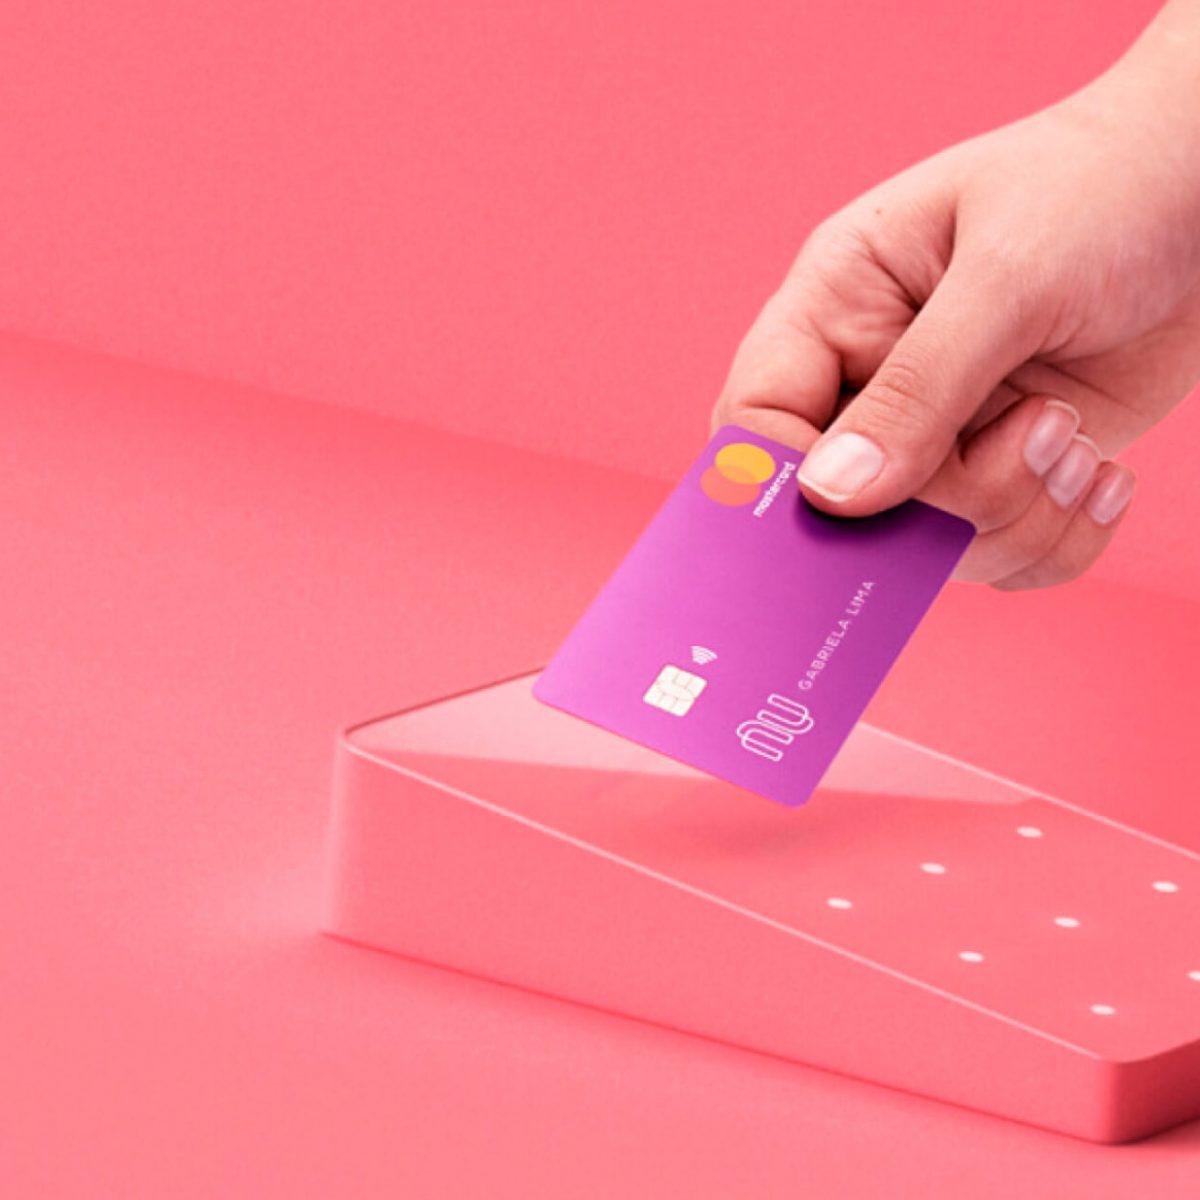 O cartão do Nubank